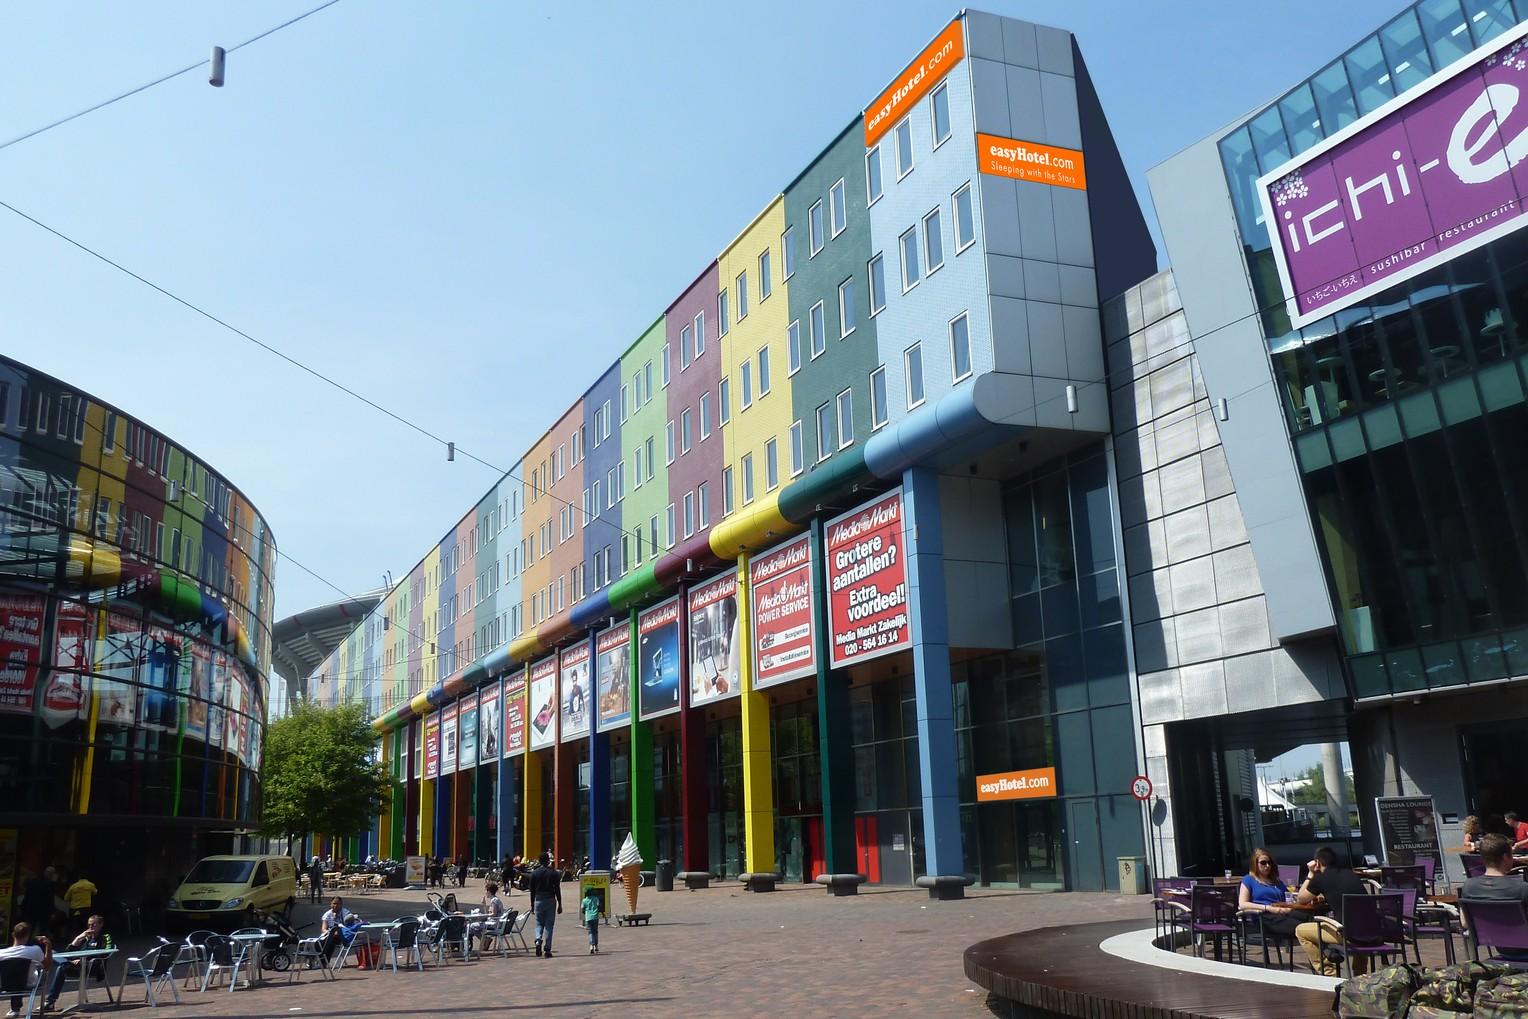 Danzep bouwt easyhotel bij arena en in brussel misset horeca for Hotels 02 arena